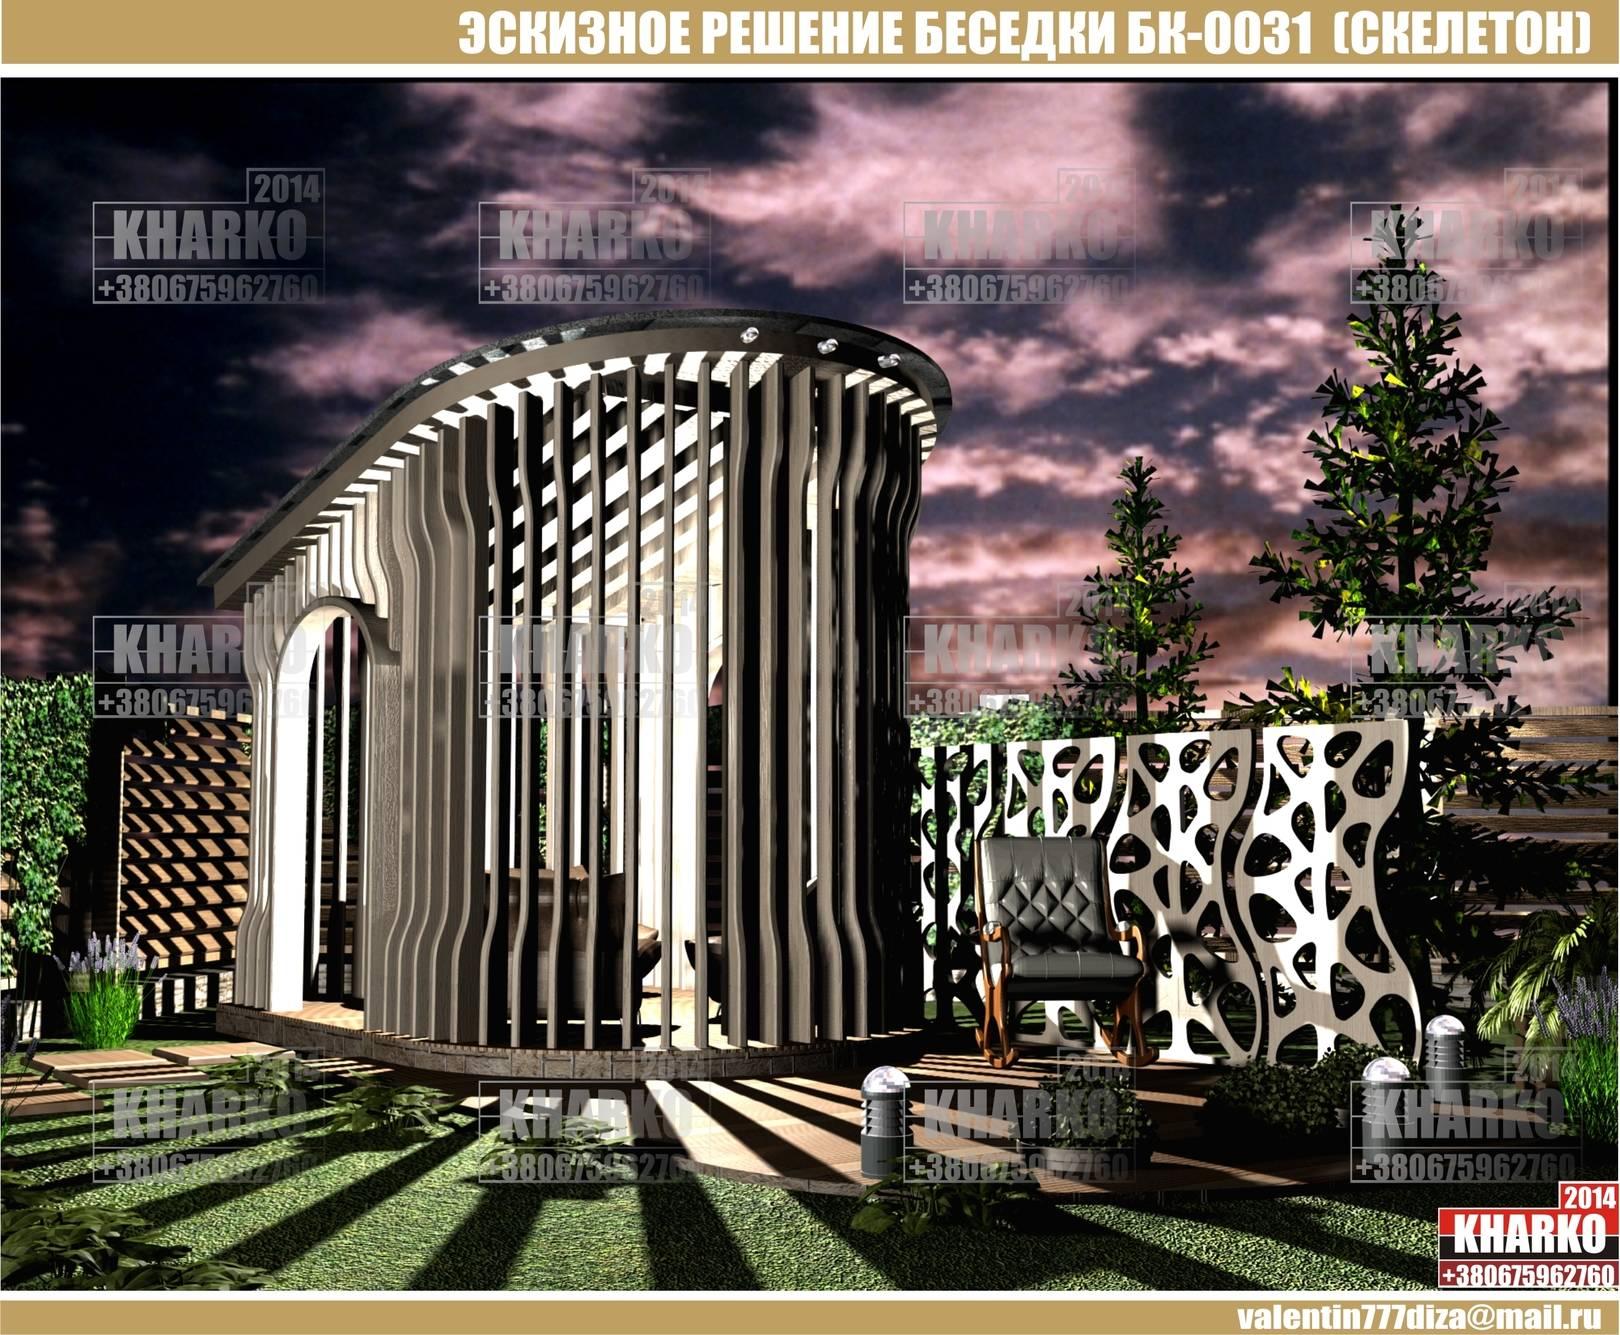 проект беседки БК-0031 (скелетон)  общая площадь беседки- 12,4 м. кв. эксплуатируемая площадь беседки-10,3 м.кв. габаритные размеры - 4,2 м. на 3,2 м.  тип фундамента-монолитный ж/б материал наружной стены и опор-бетон, дерево тип кровли-битумная черепица Наружная отделка цоколя -декоративный камень Стоимость проекта- 1200 грн.